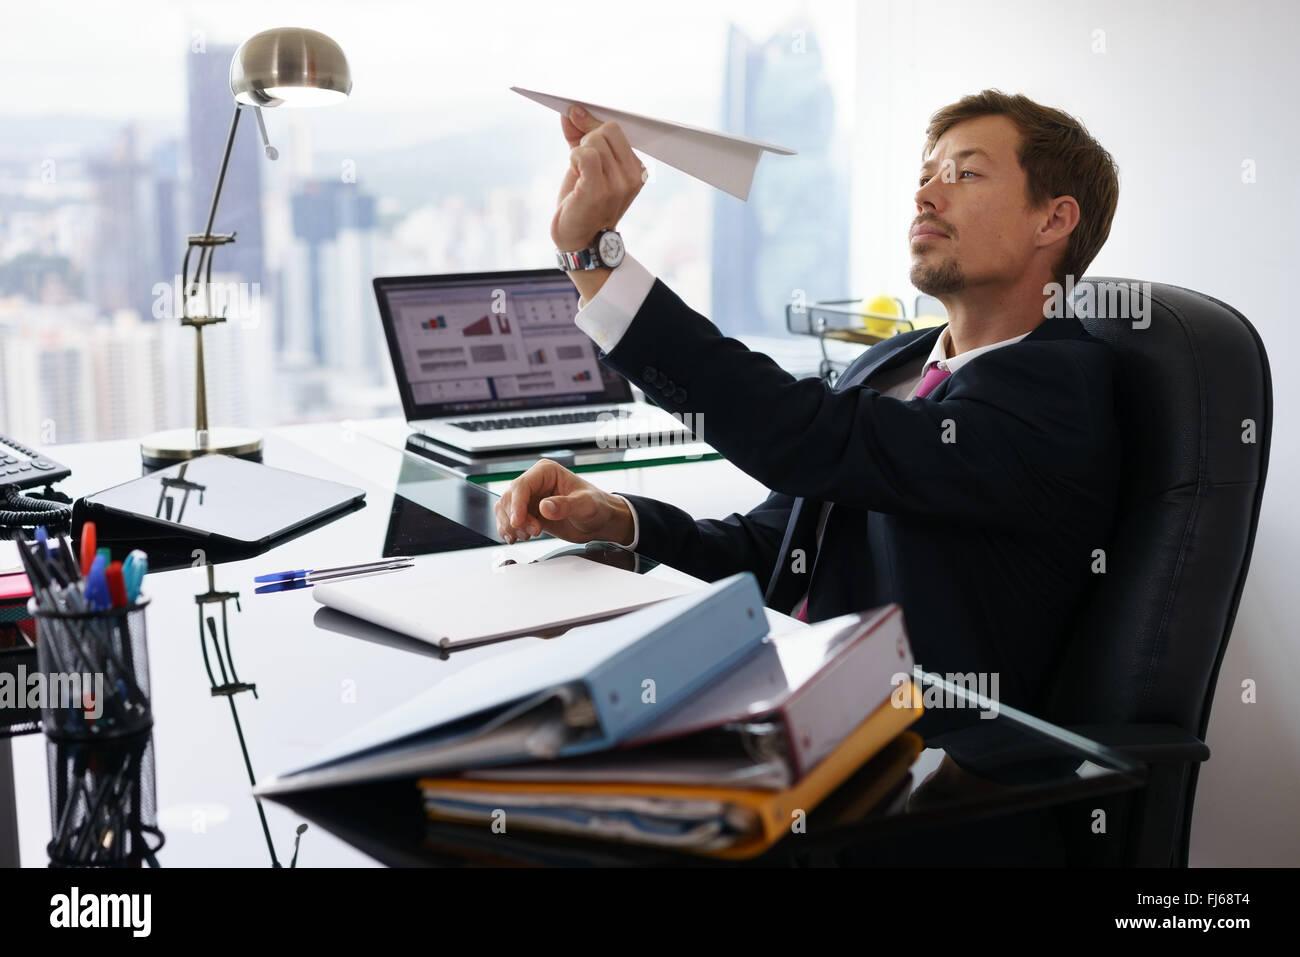 Gestionnaire d entreprise dans un bureau moderne prend une pause